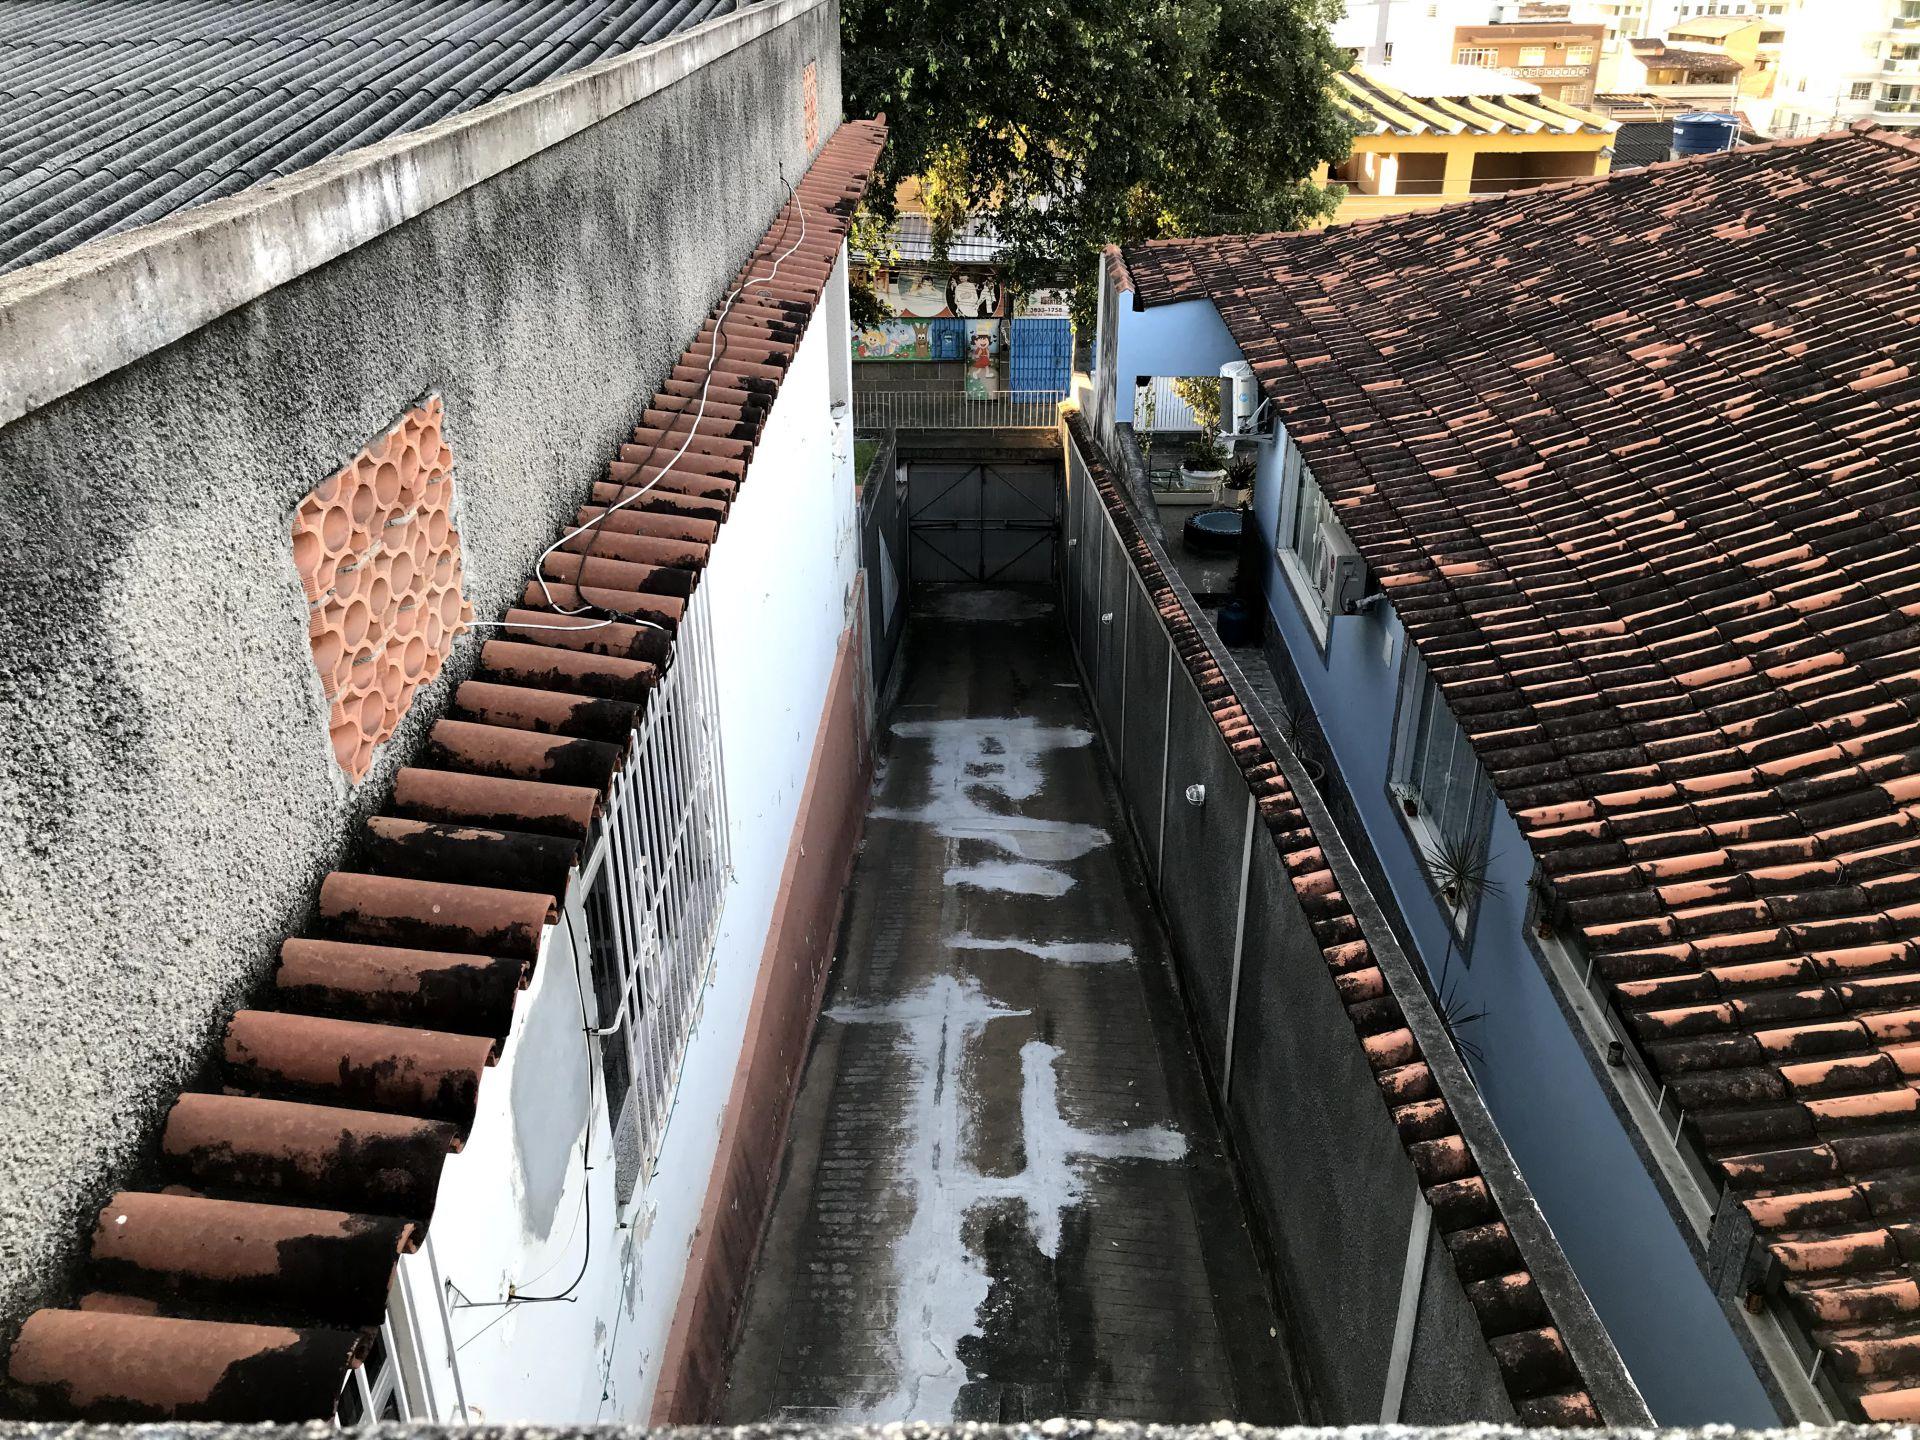 FOTO 19 - Casa à venda Rua Namur,Vila Valqueire, Rio de Janeiro - R$ 890.000 - RF269 - 20